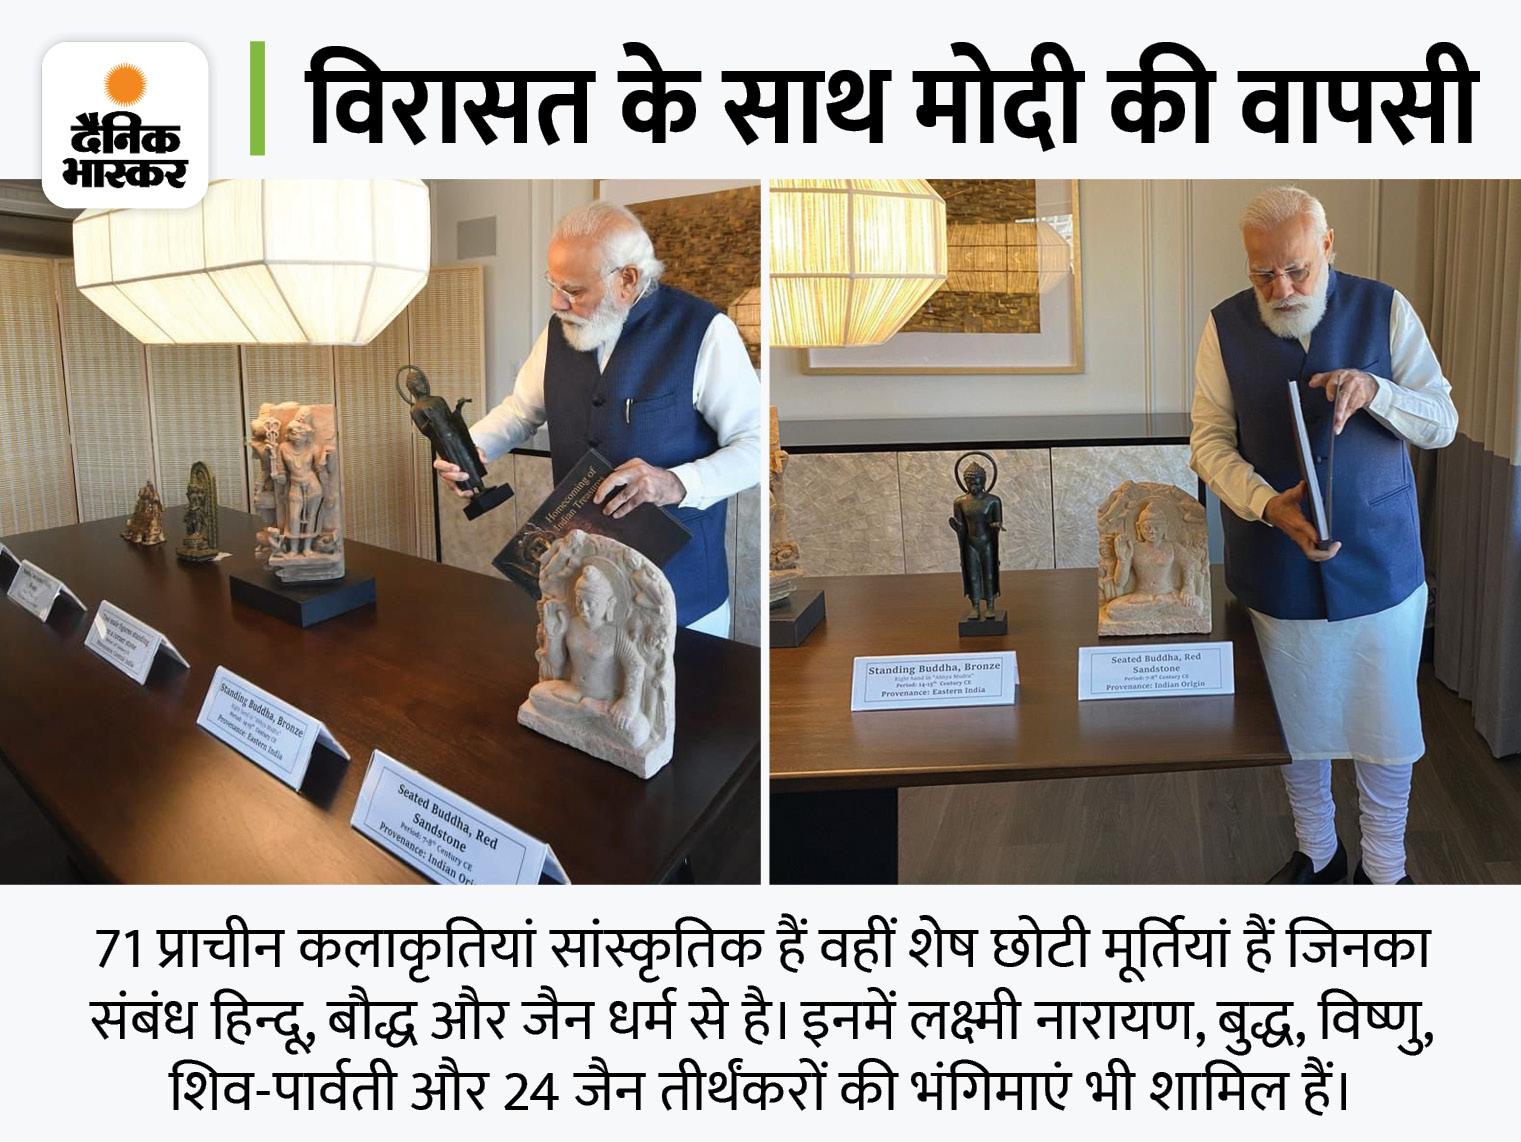 बाइडेन ने मोदी को सौंपी 157 कलाकृतियां और पुरावशेष; ये दूसरी से लेकर 18वीं सदी तक पुरानी|विदेश,International - Dainik Bhaskar